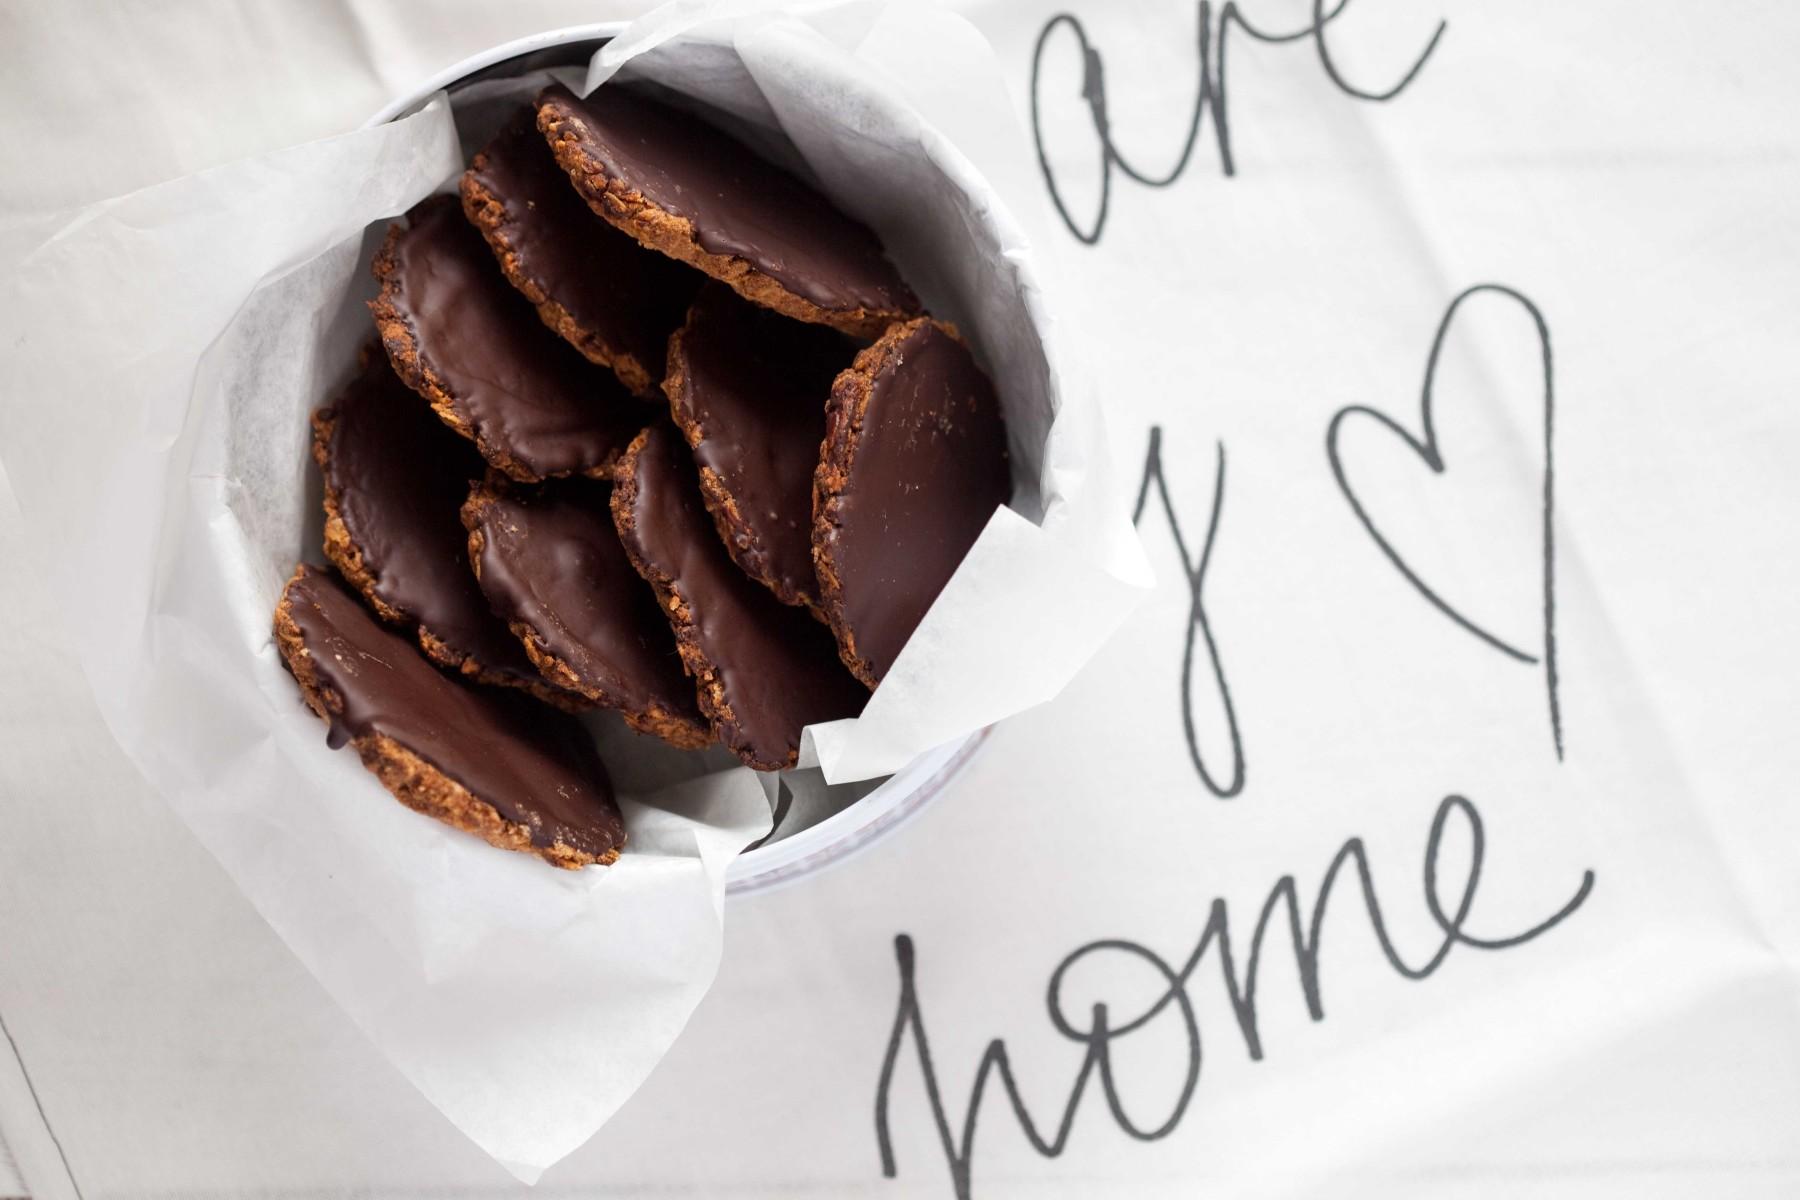 kruche-ciastka-owsiane-z-czekolada